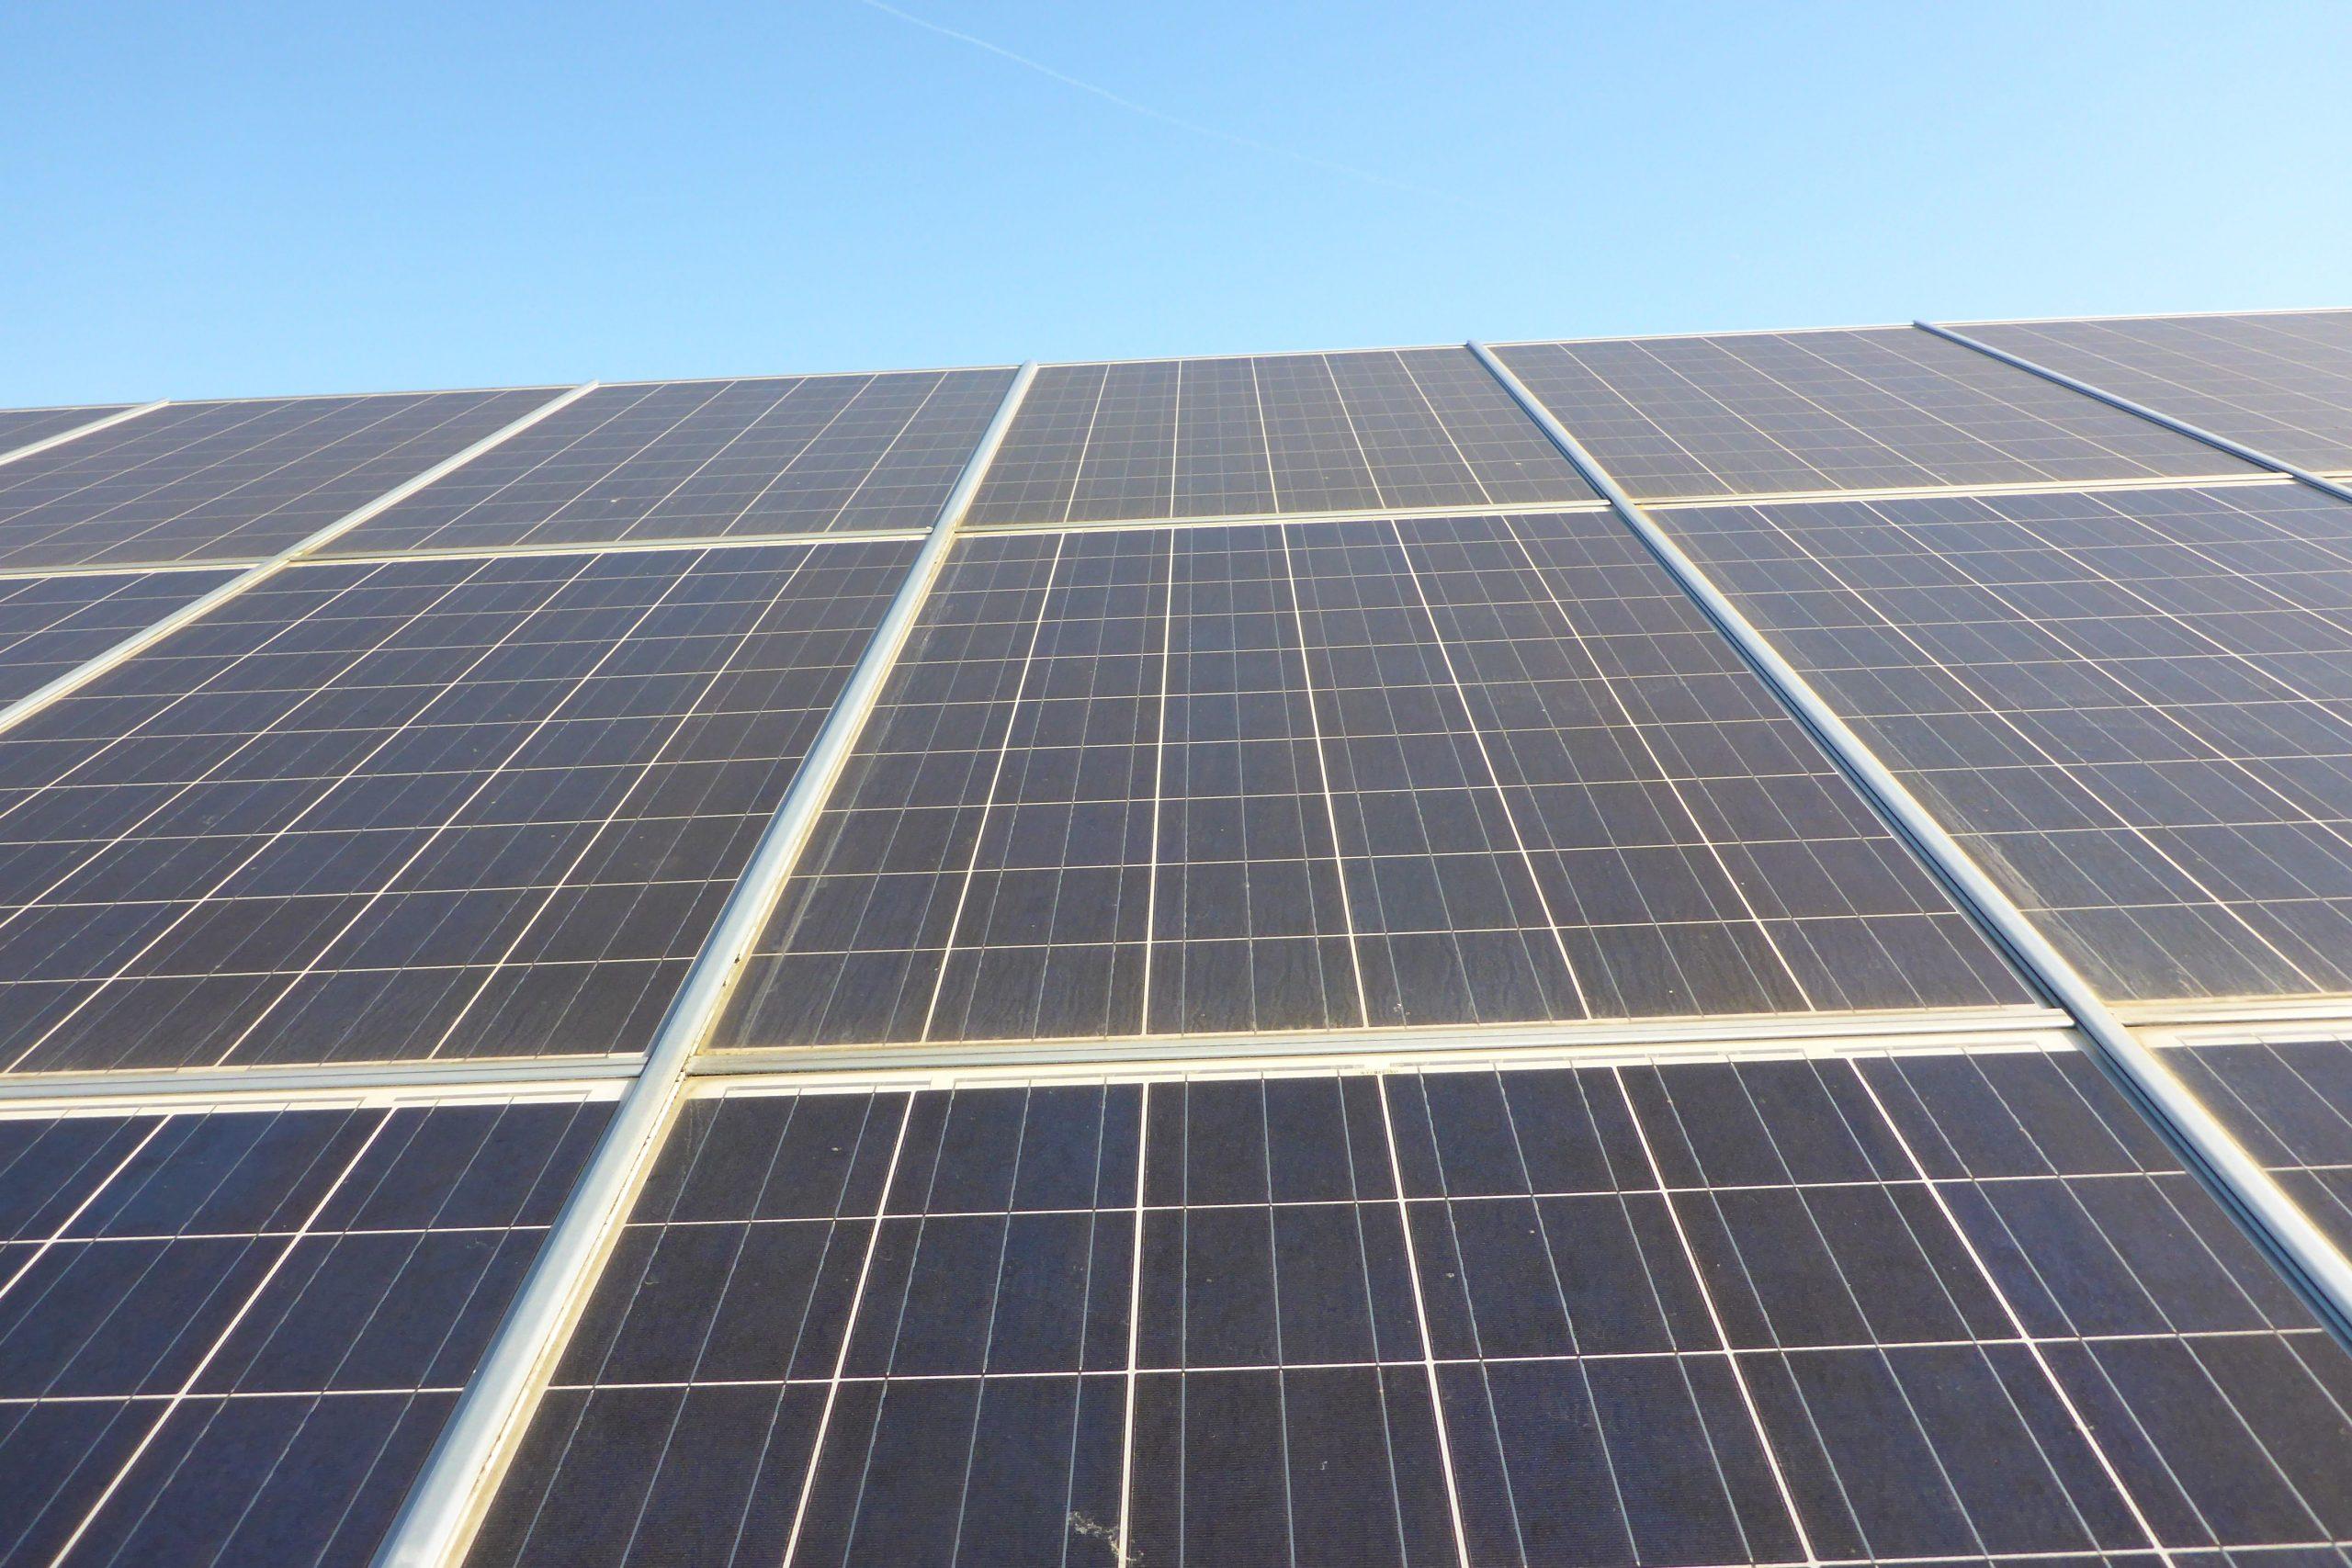 Photovoltaikreinigung in 2020 sollte verschmutzte Photovoltaikanlagen zur Schadensprävention und für den Werterhalt reinigen.